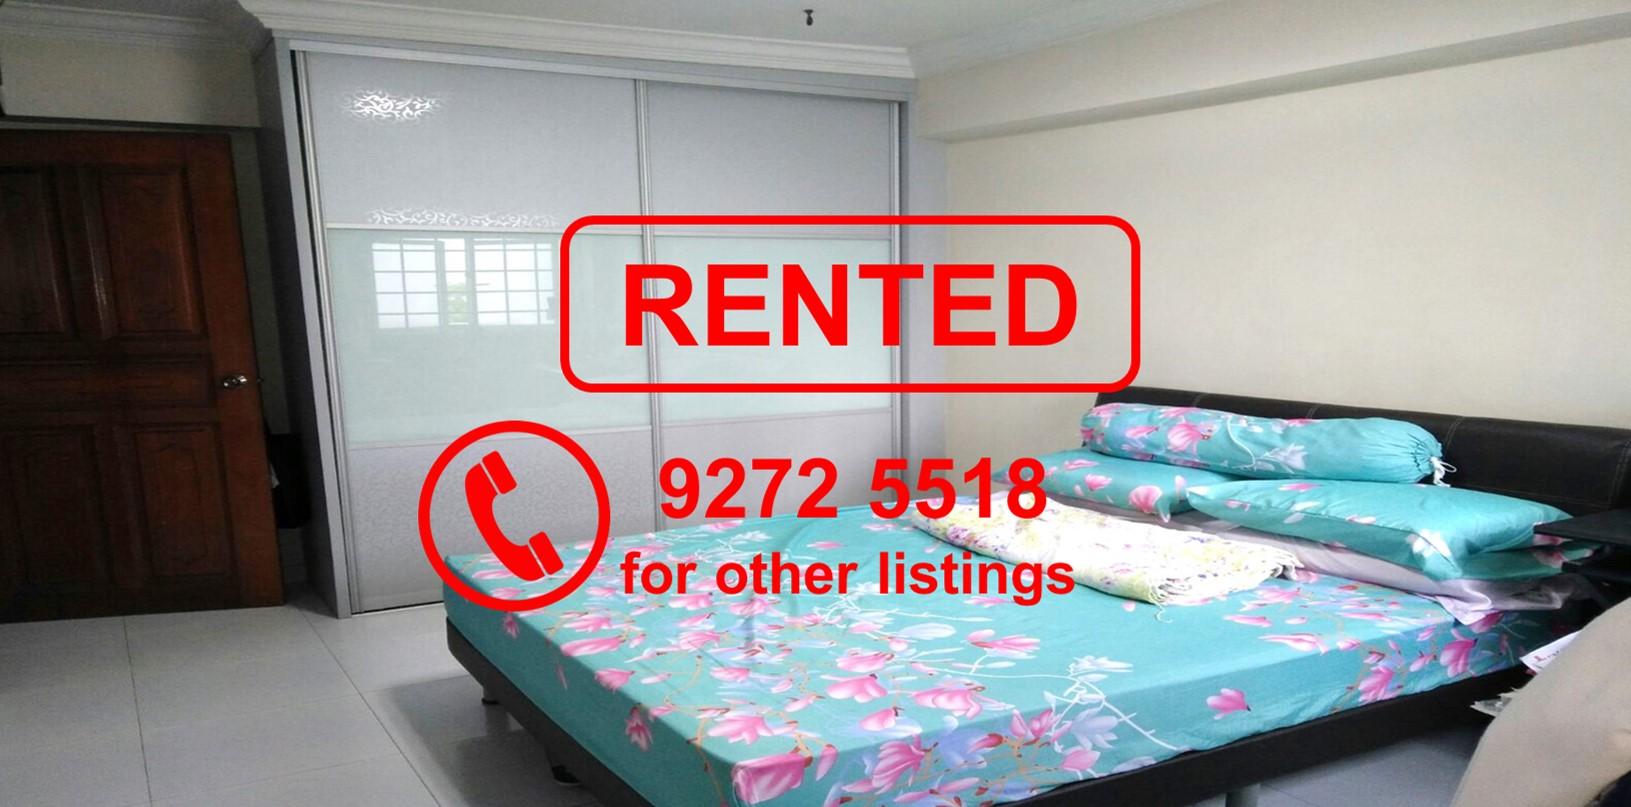 251 Jurong East Max Ang 9272 5518